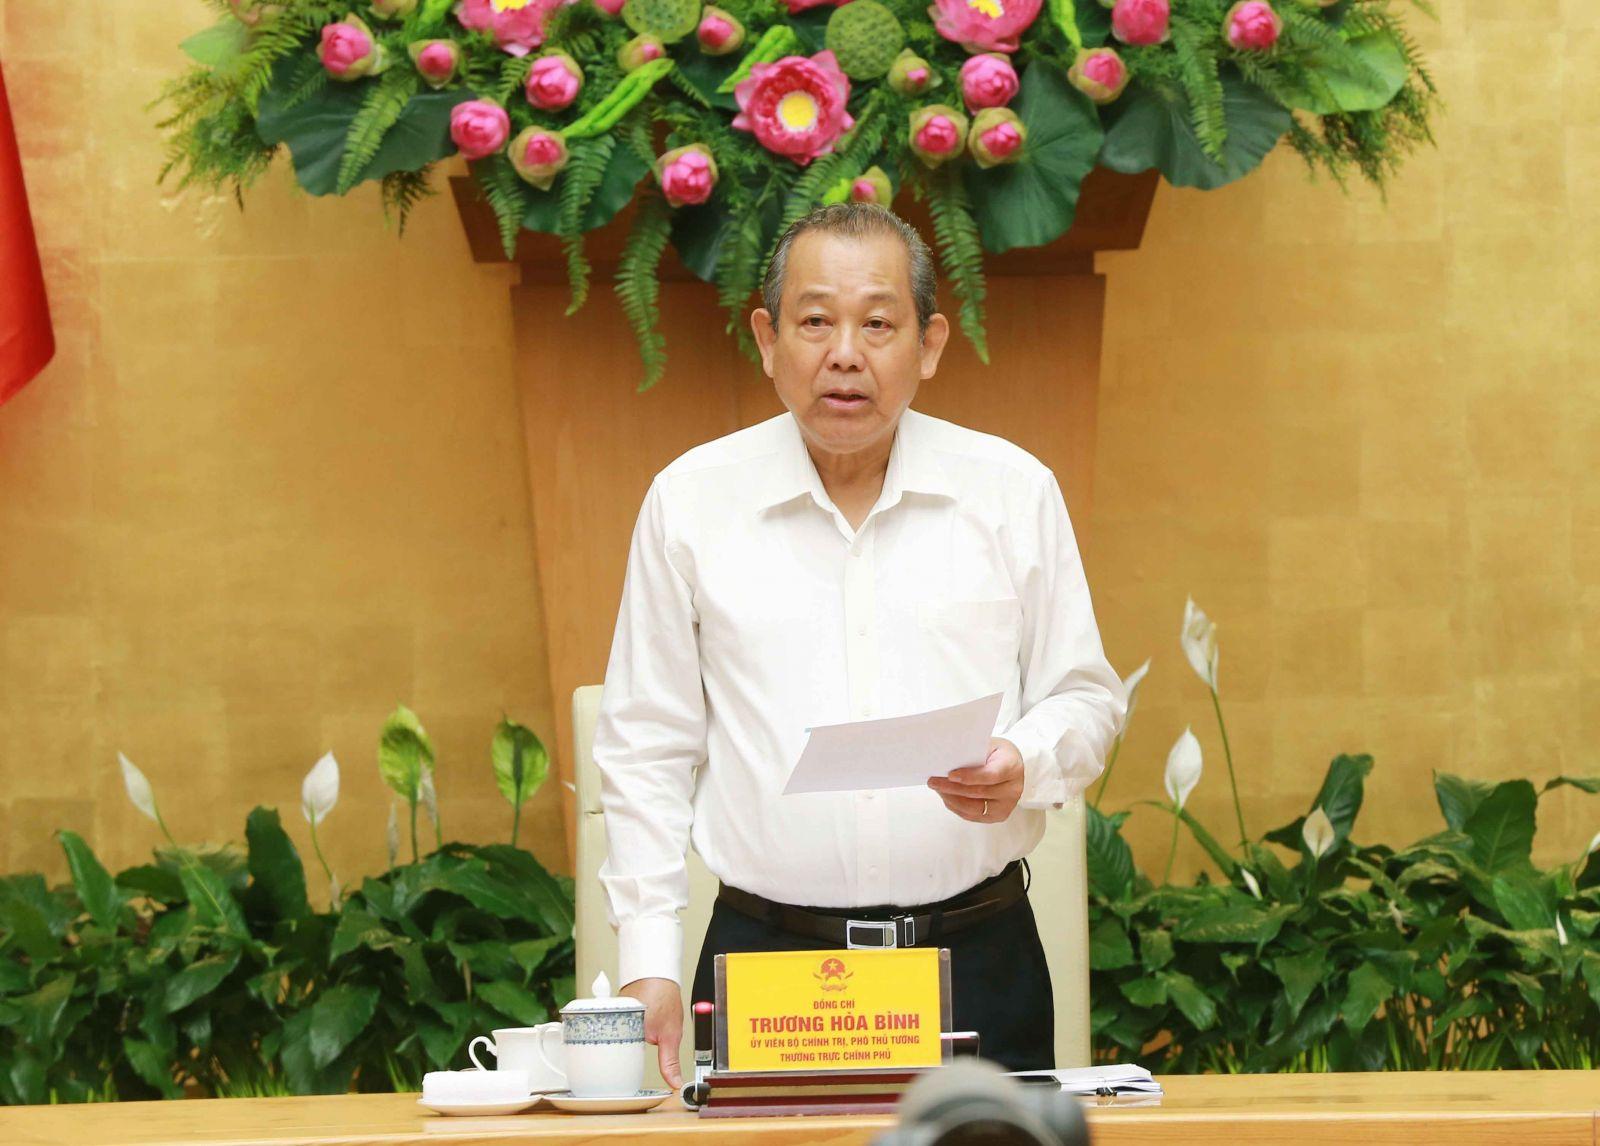 Phó thủ tướng Thường trực Chính phủ Trương Hoà Bình phát biểu tại hội nghị. Ảnh: VGP/Lê Sơn